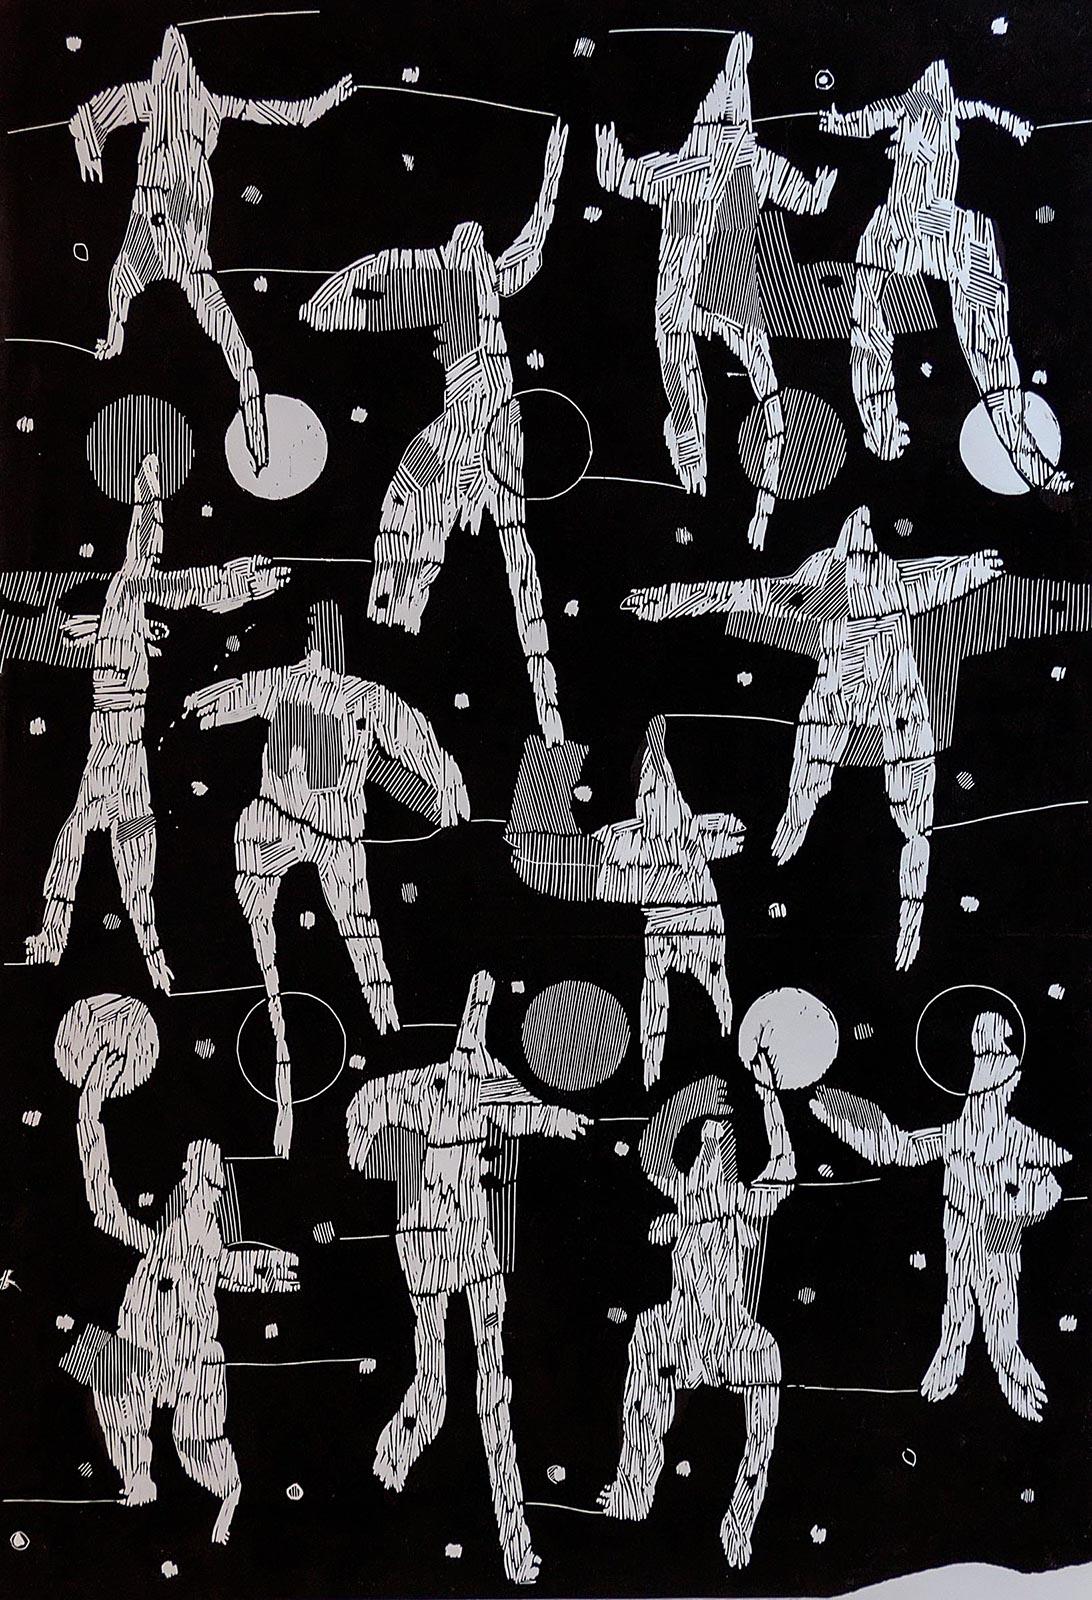 Фото №203611. ТЕРЕГУЛОВ АЙРАТ РАУФОВИЧ. 1957 Россия, Башкортостан, Уфа ГАБИТУС. 2006